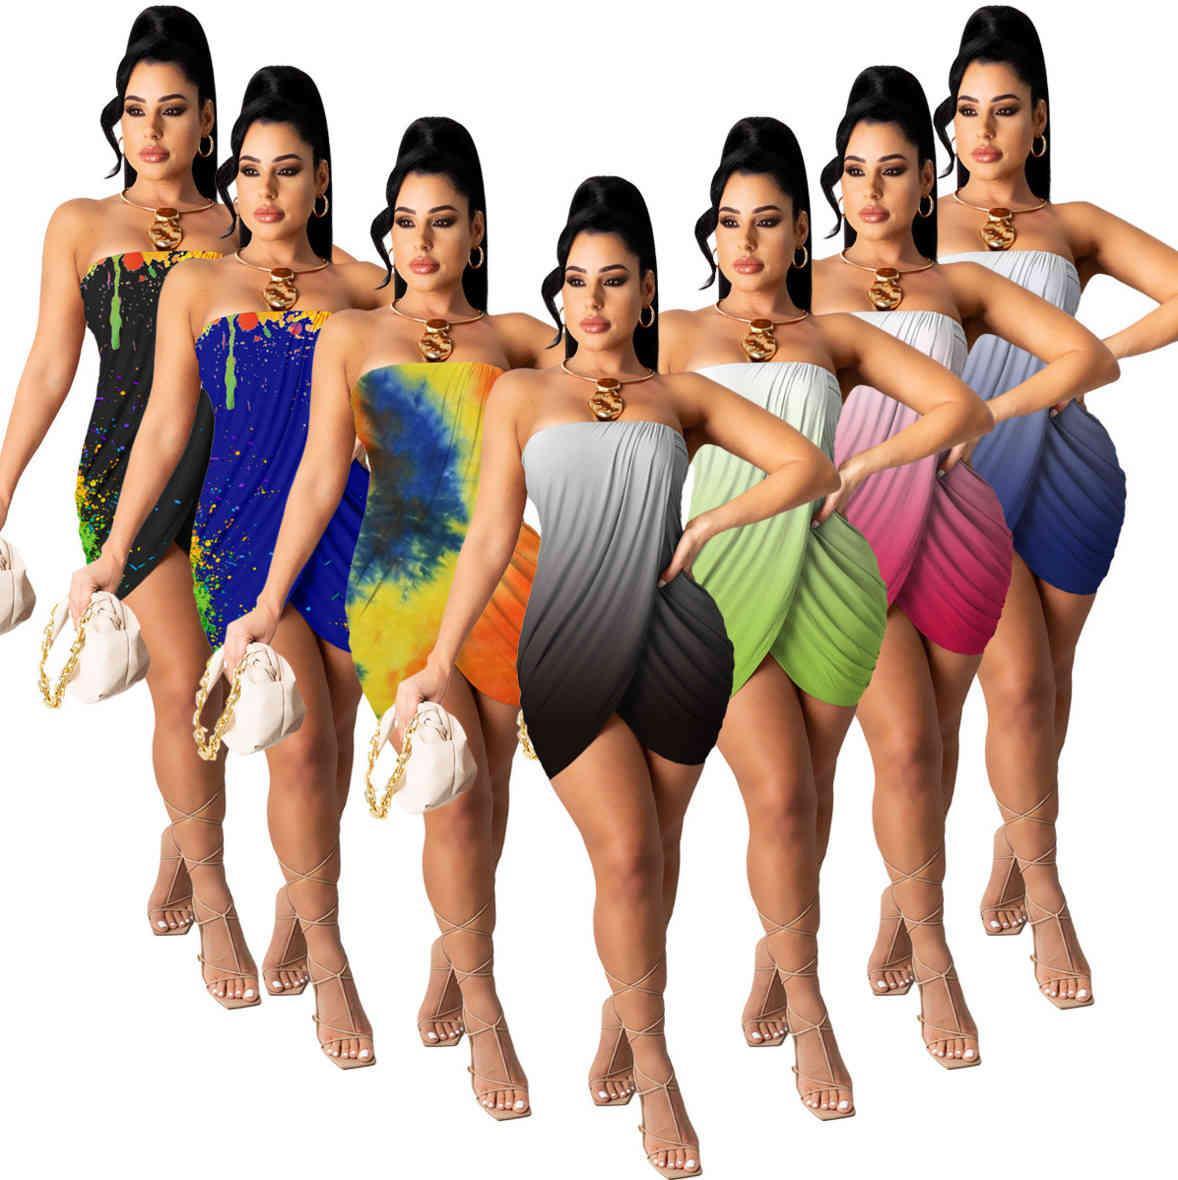 Verão strapless mini vestido casual saia sem mangas um pedaço conjunto de alta qualidade sexy elegante elegante moda moda mulheres roupas t344